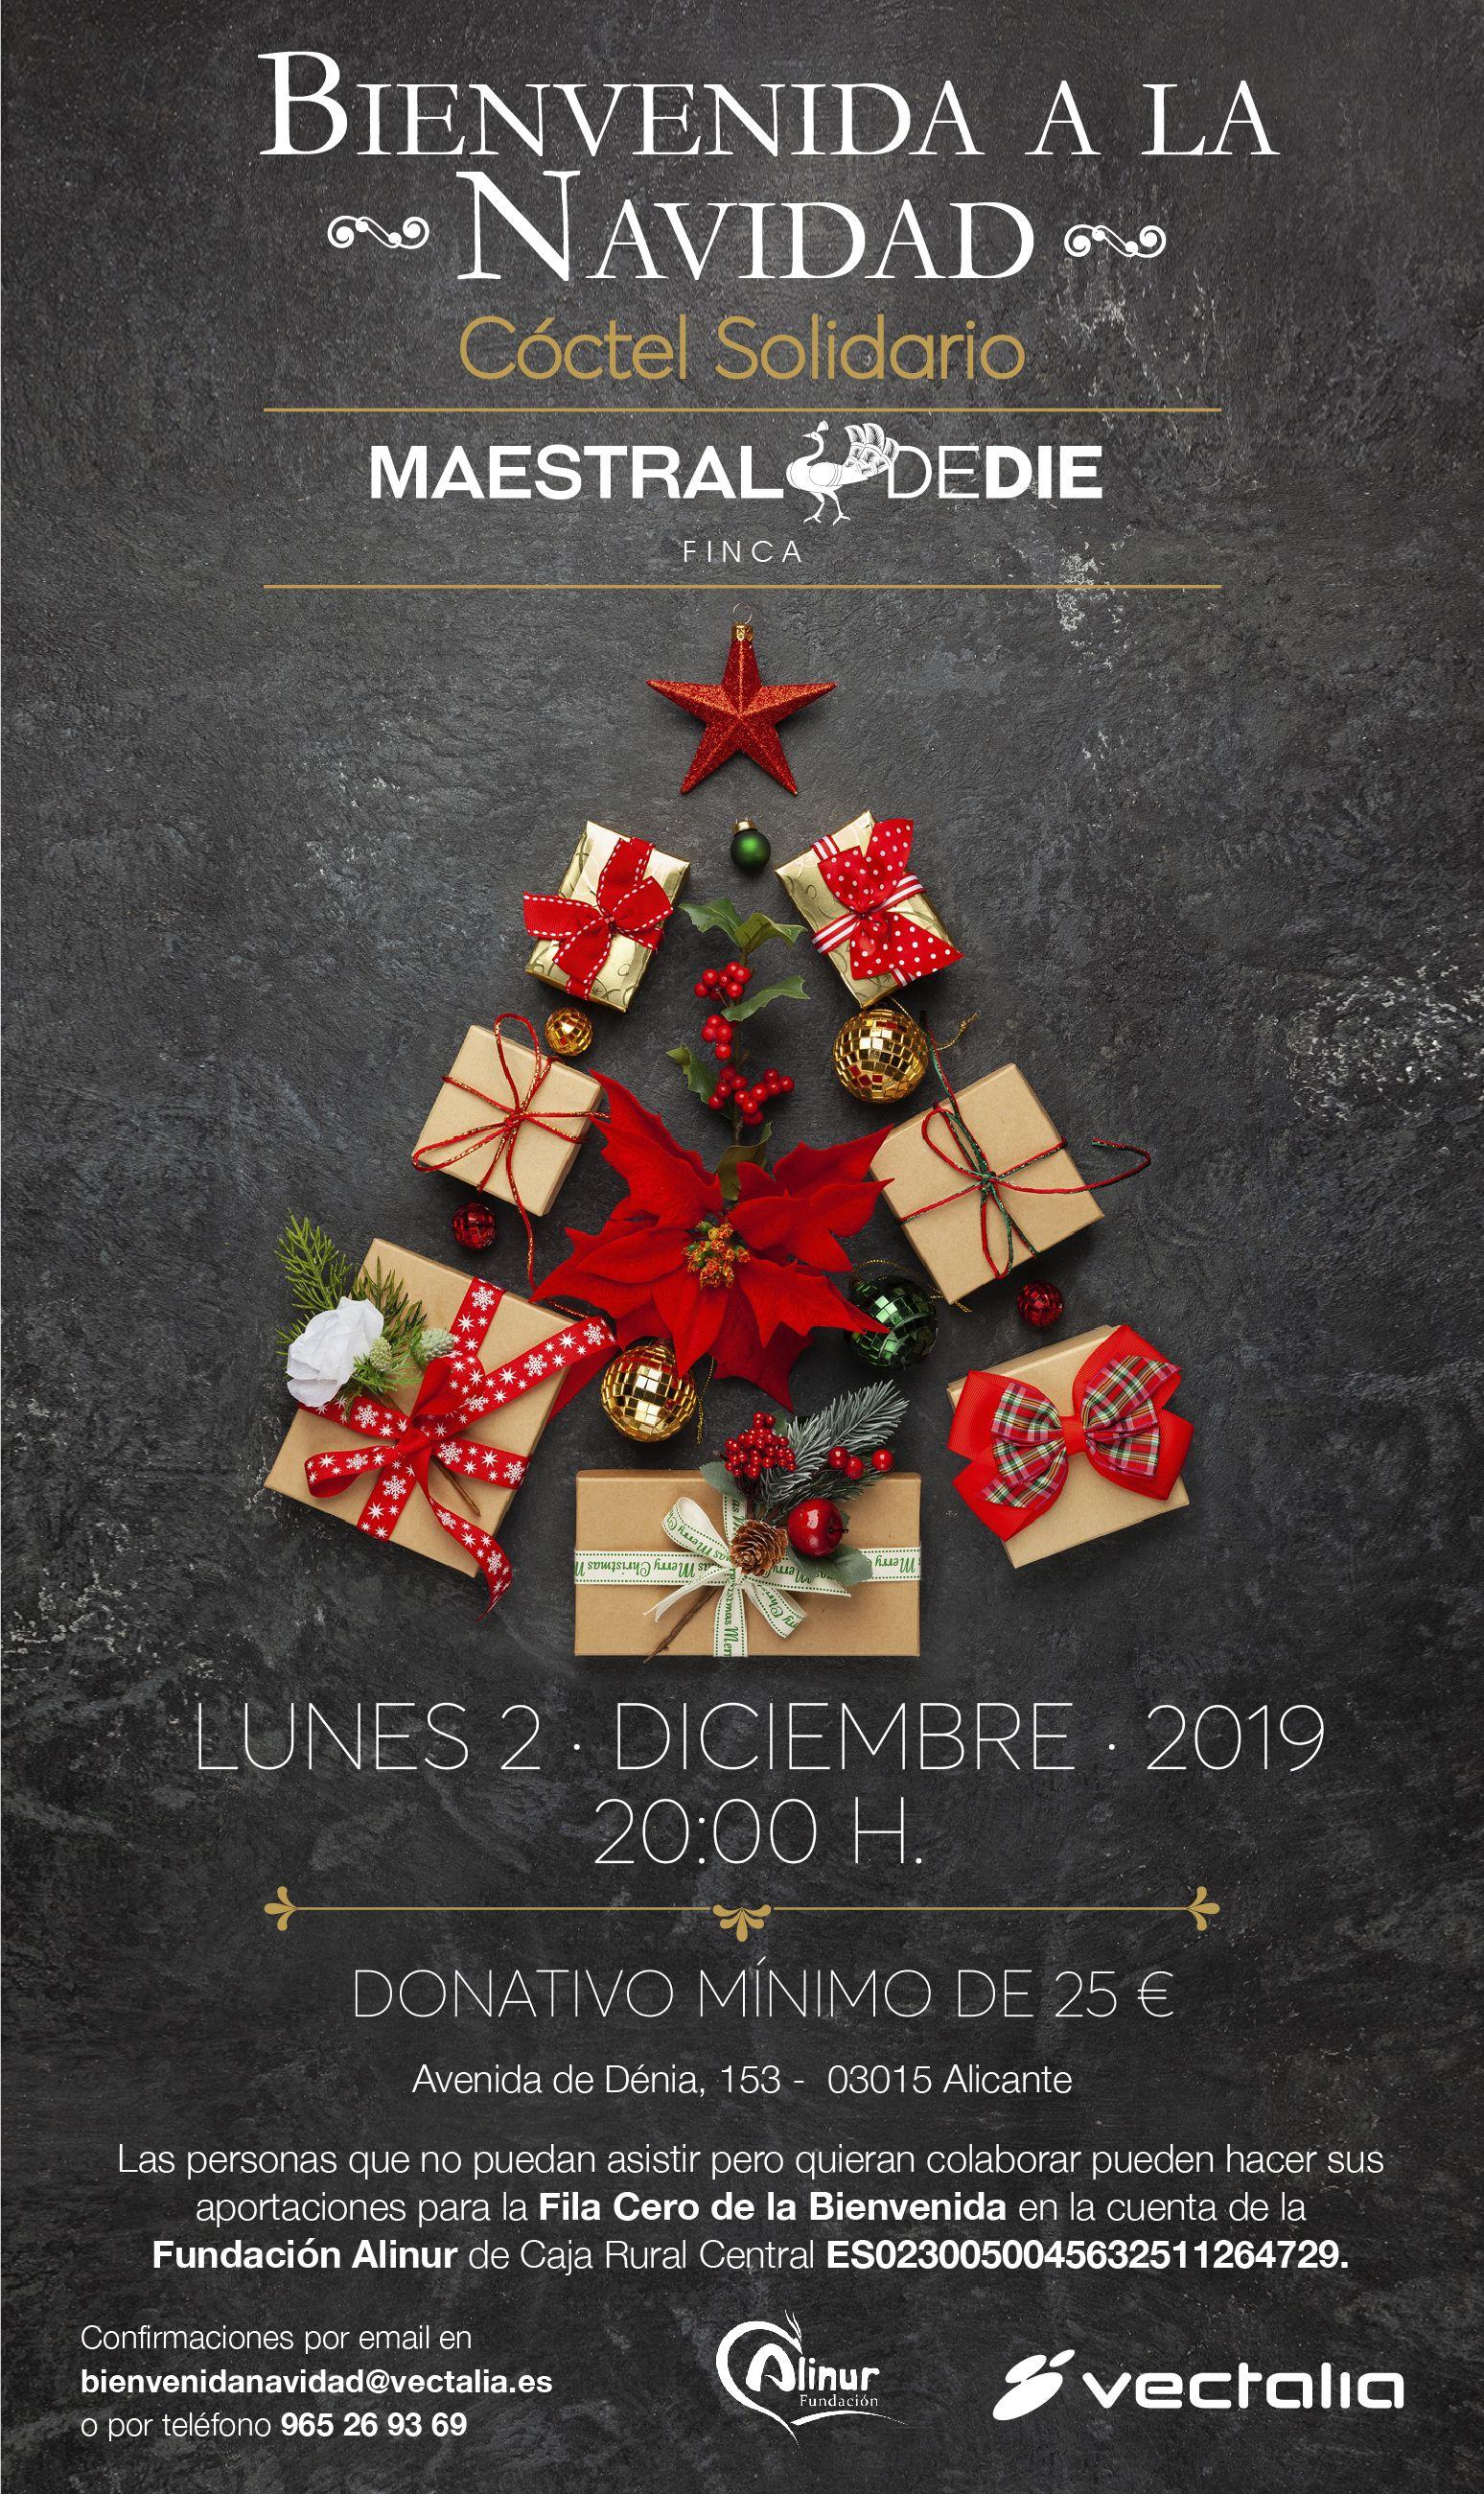 Invitación Bienvenida a la Navidad 2019 Alinur